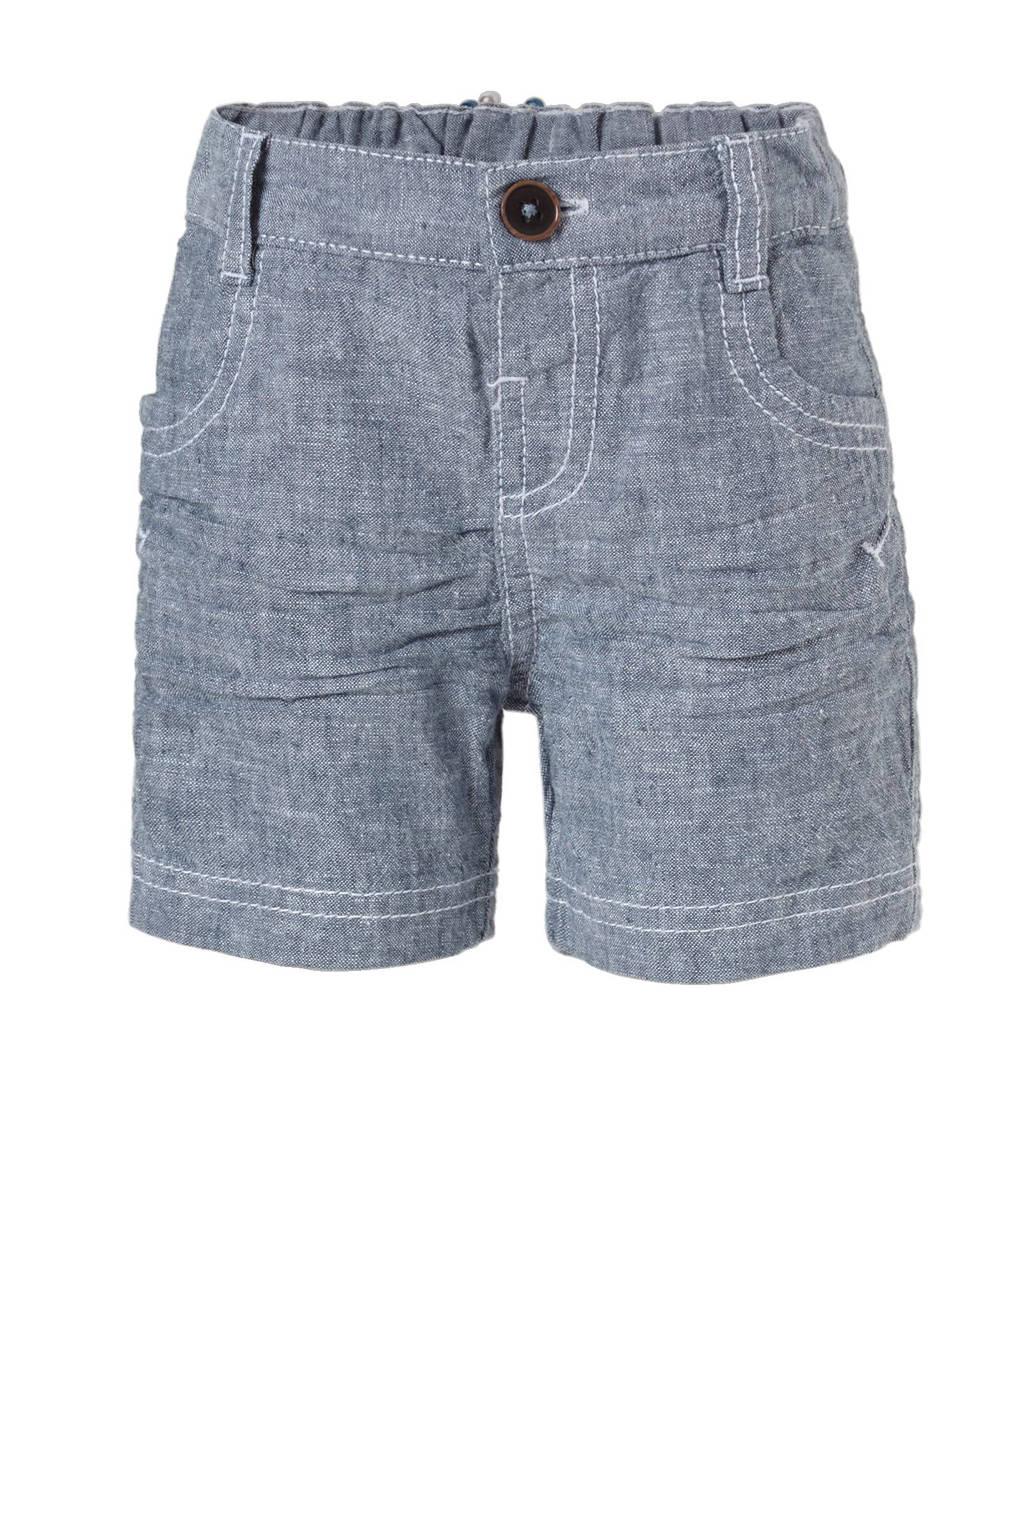 C&A Baby Club korte broek met linnen donkerblauw, Donkerblauw melange